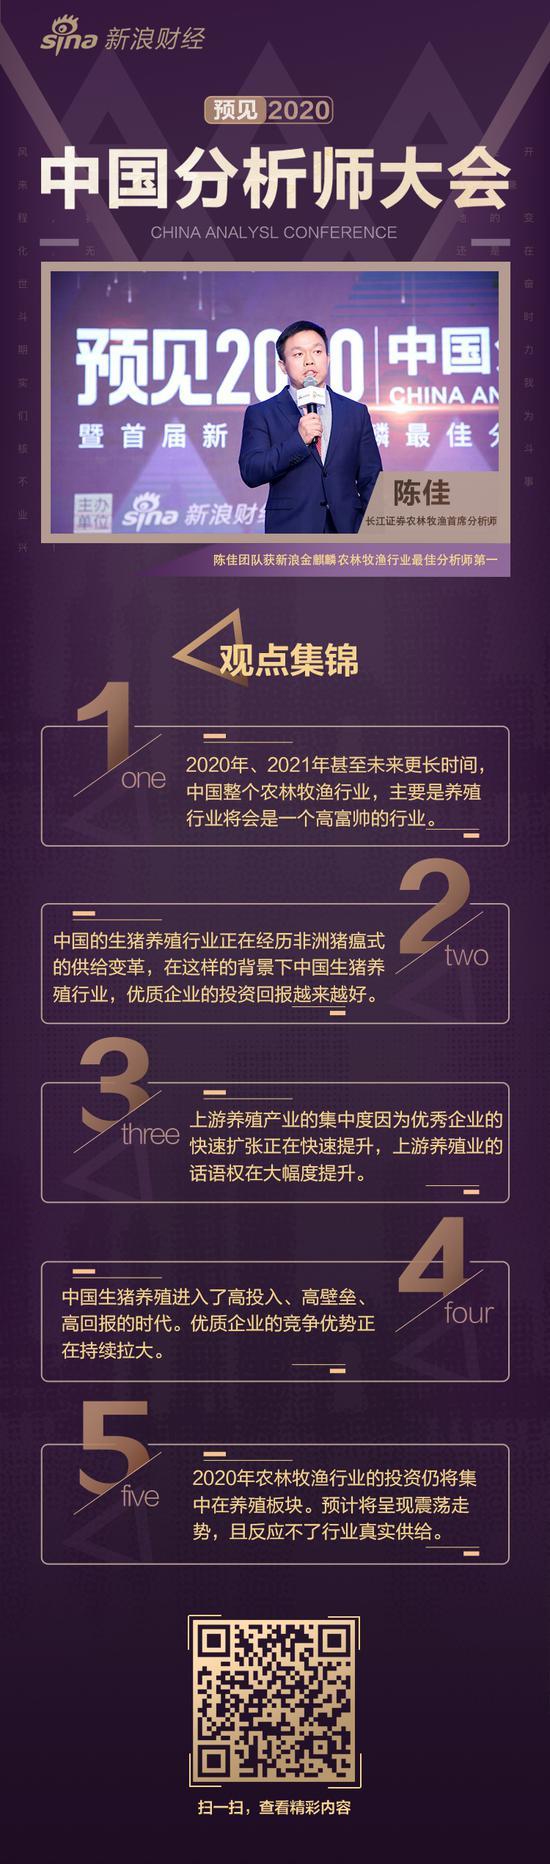 永利网上娱乐真人平台,中国盲文数字平台启动 助视障者将汉语等译成盲文